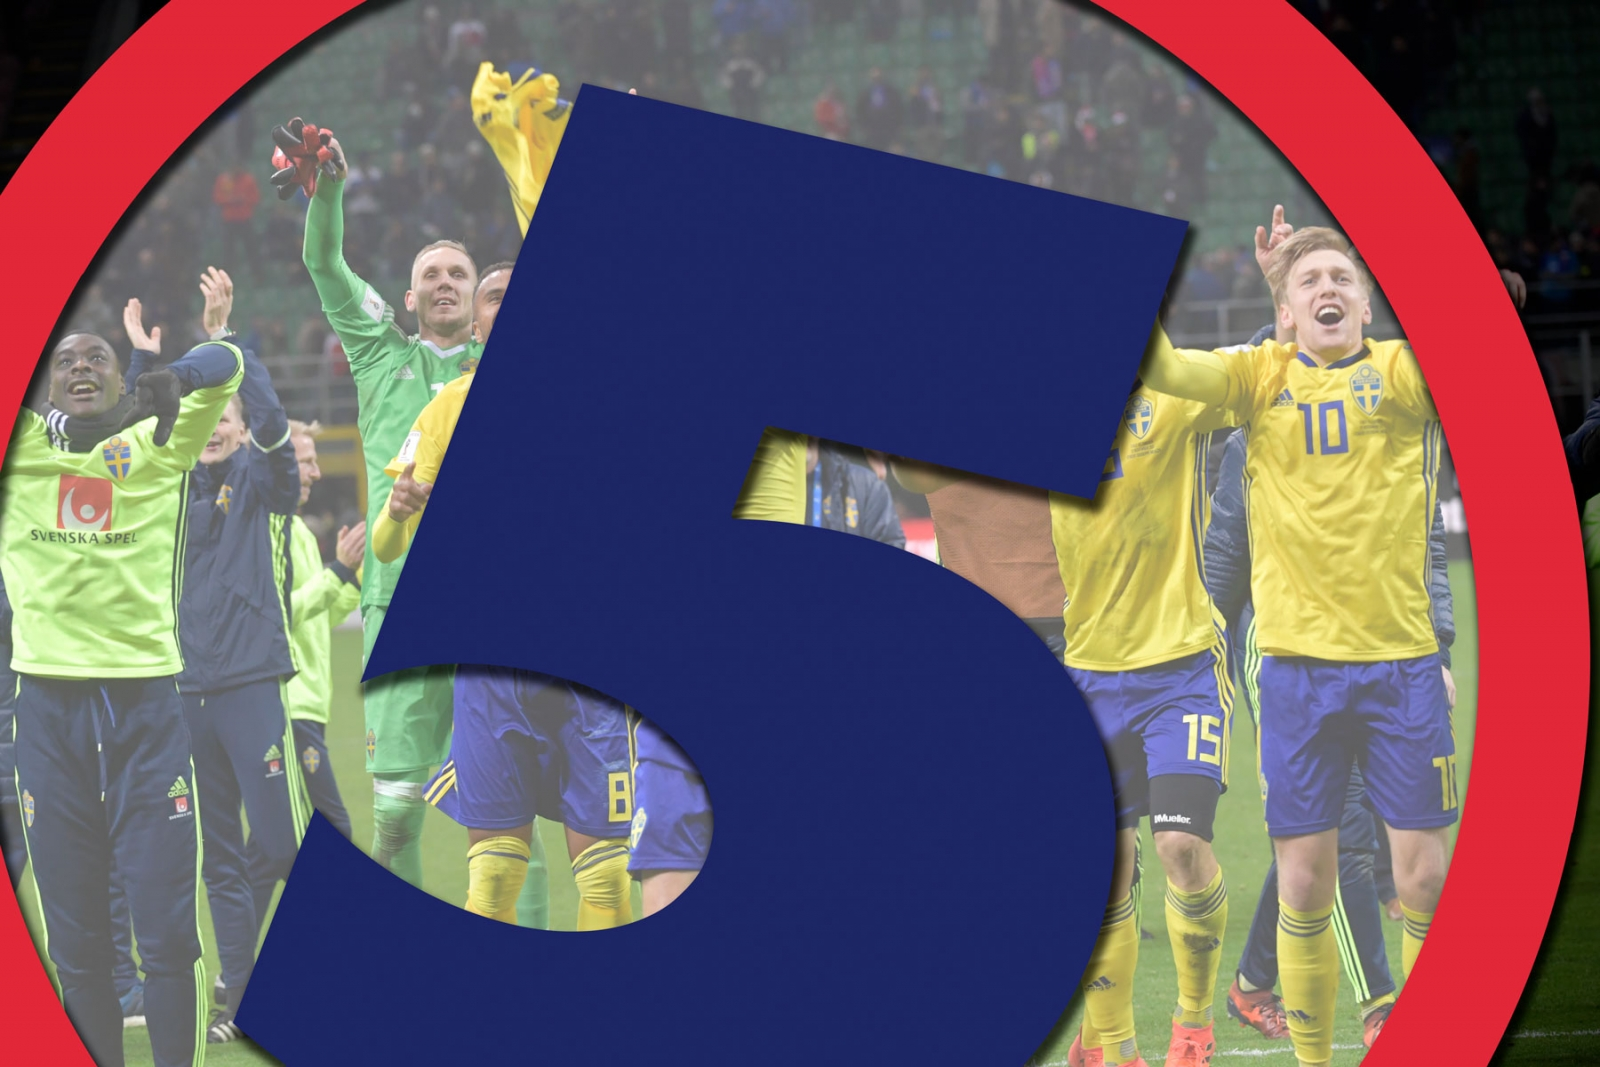 Sverige jublar efter slutsignalen i måndagens VM-kval ... a2c8b362ca859